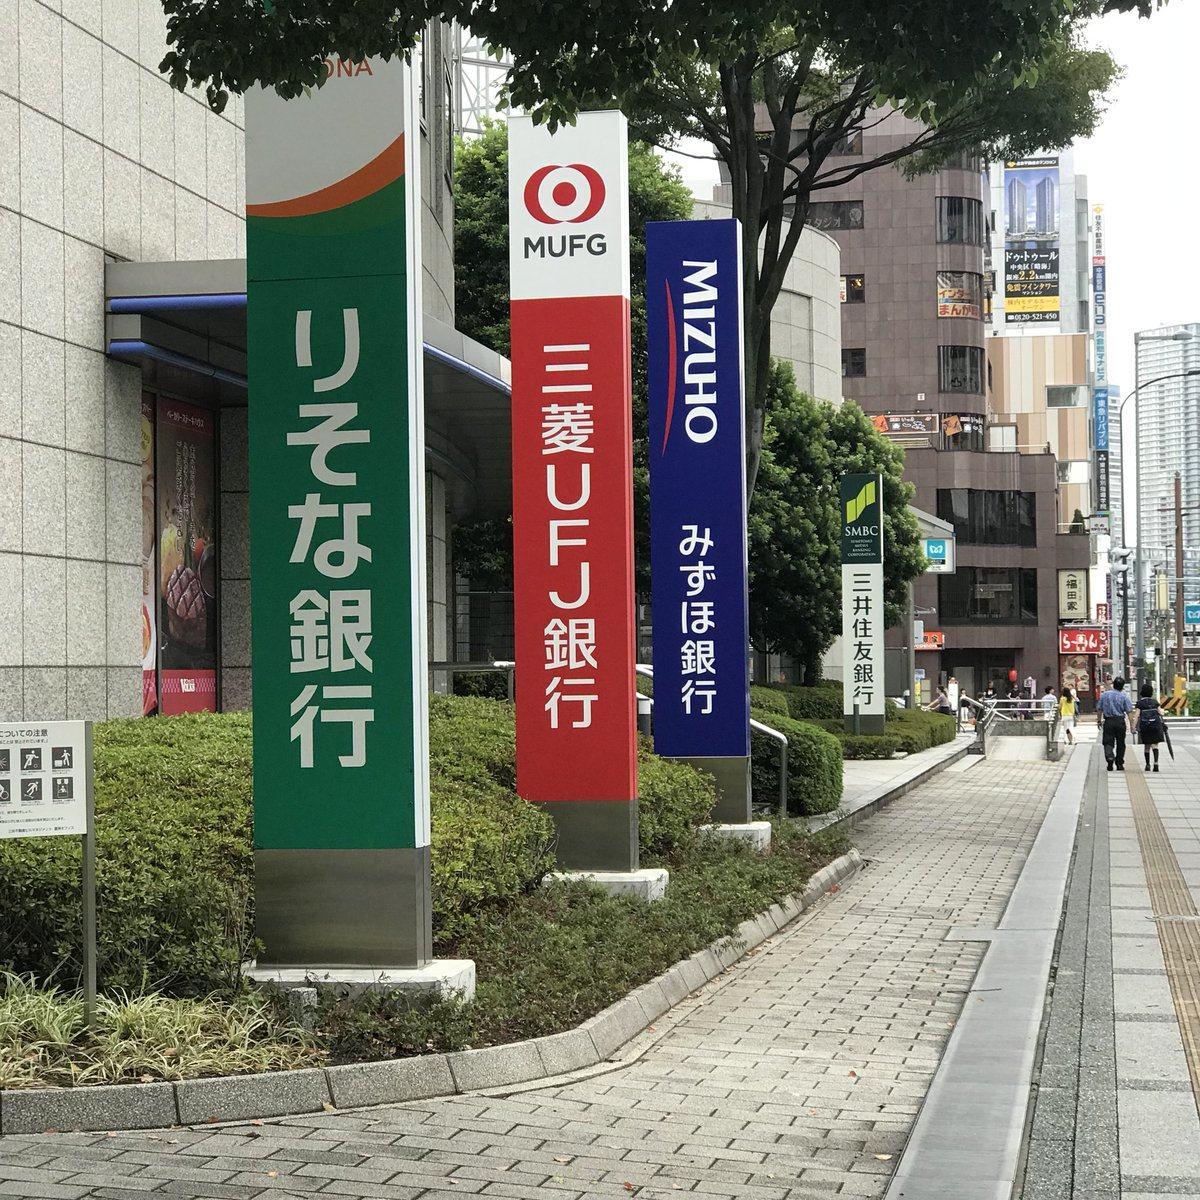 一份完整的日本银行账户使用指南